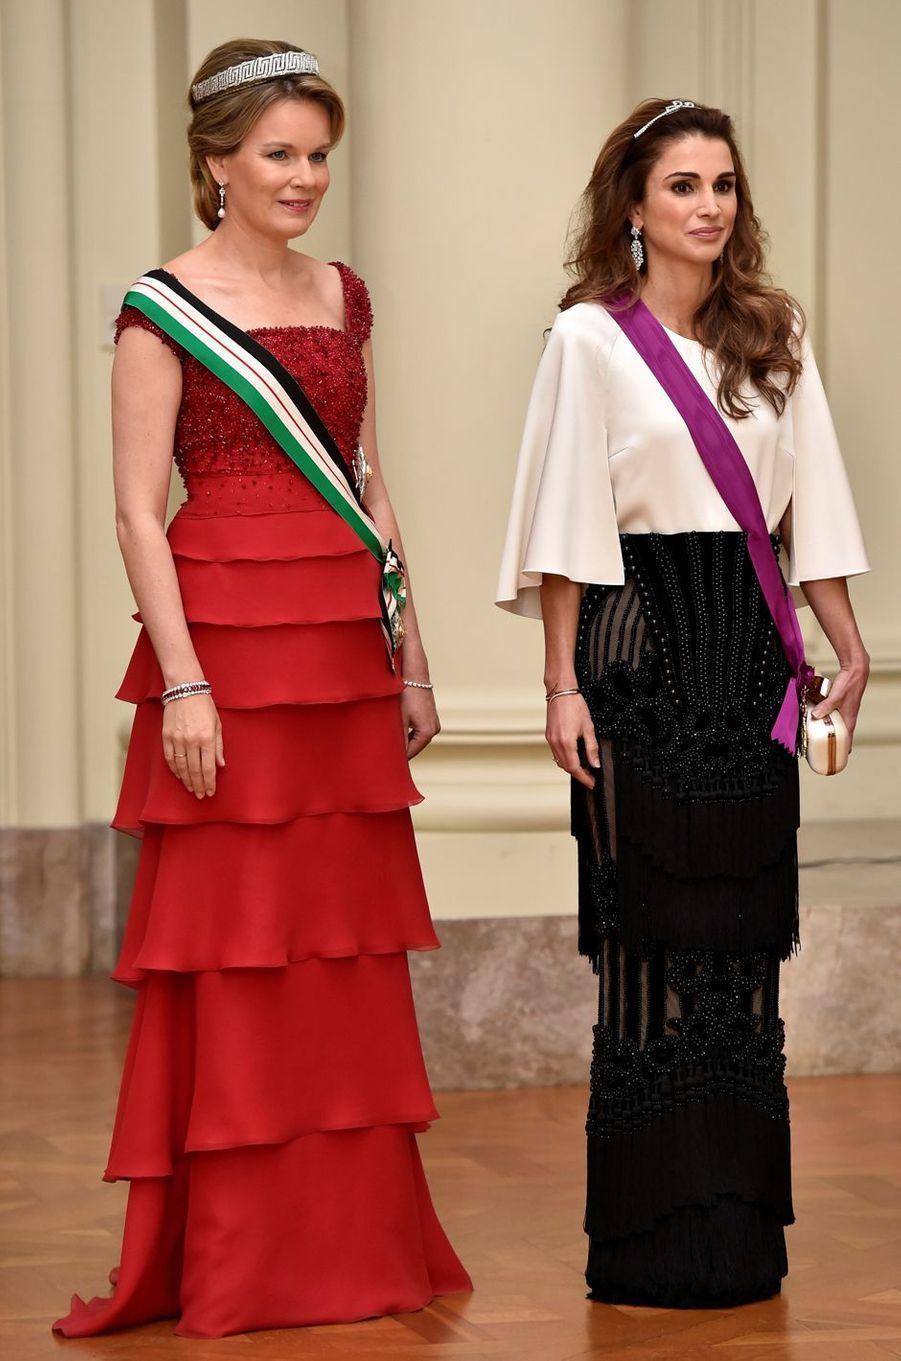 La reine Rania de Jordanie à Bruxelles avec la reine Mathilde de Belgique, le 18 mai 2016